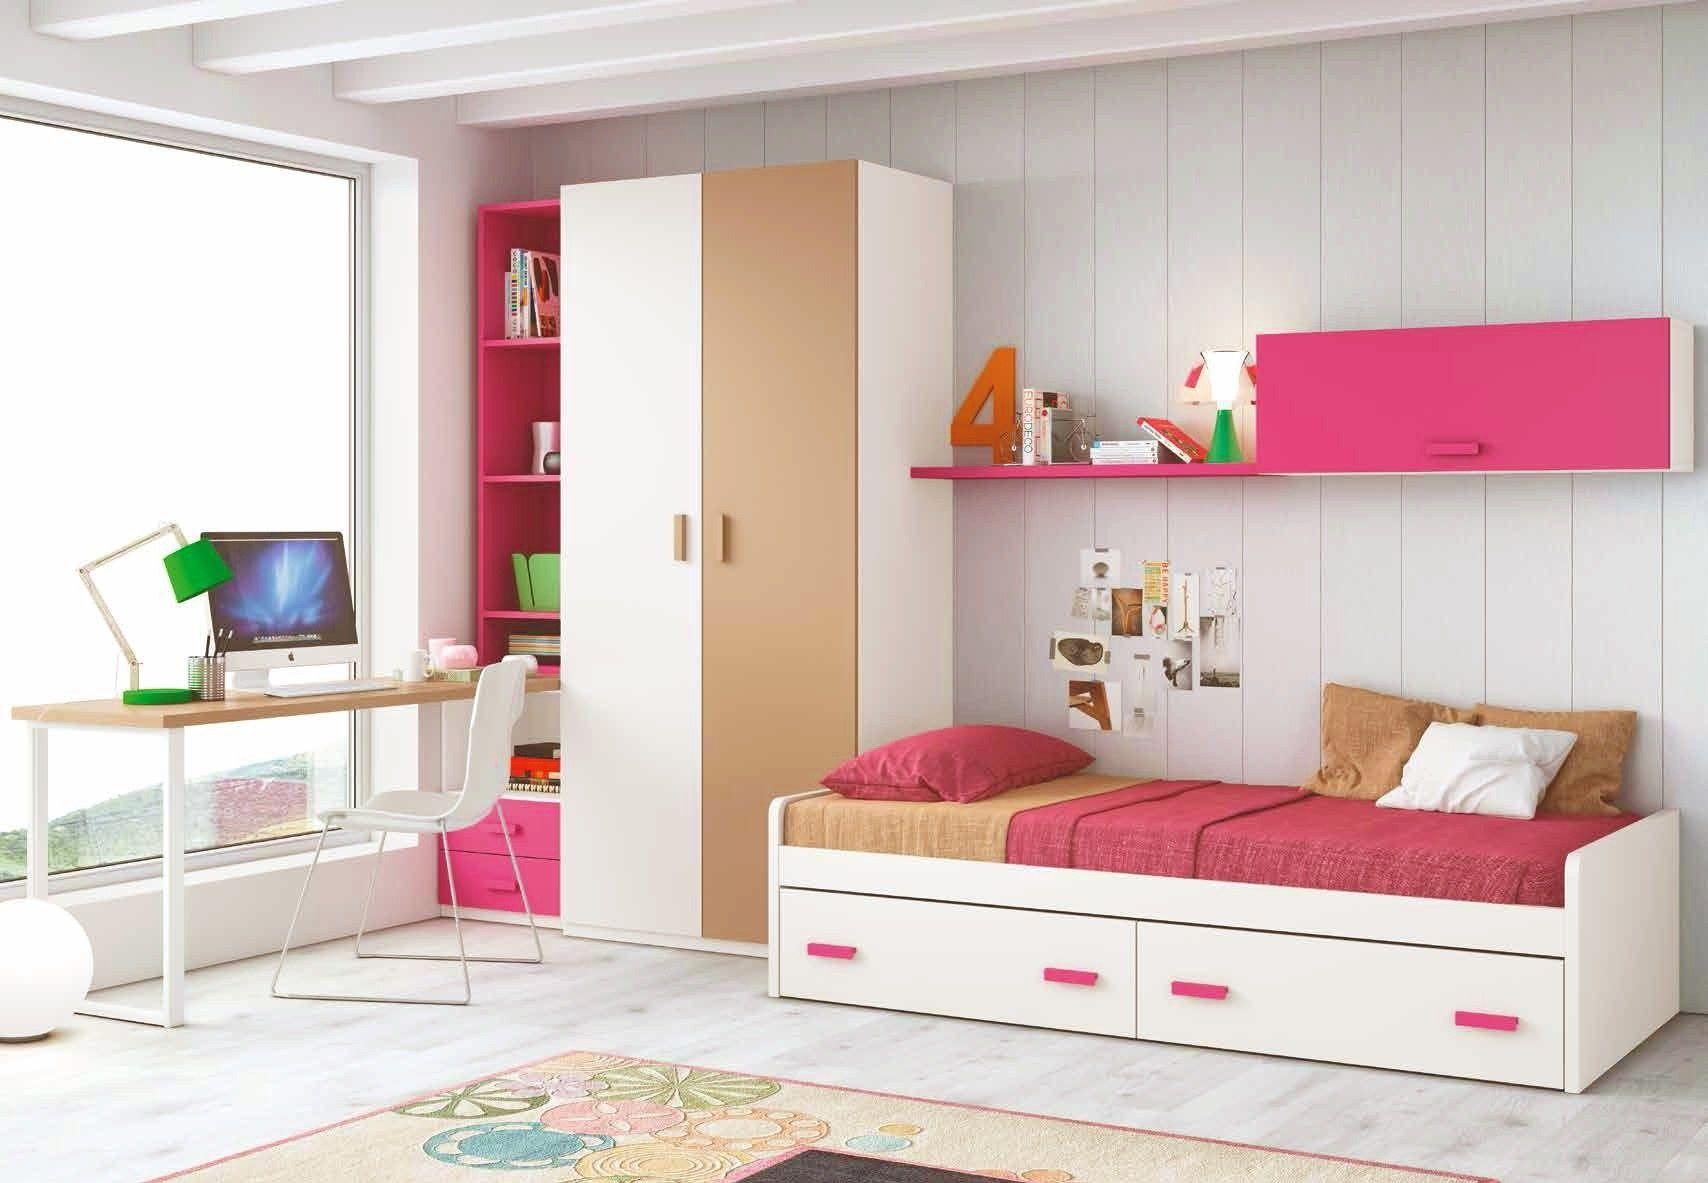 deco chambre ado fille 12 ans   Fashion for kids   Pinterest   Déco ...